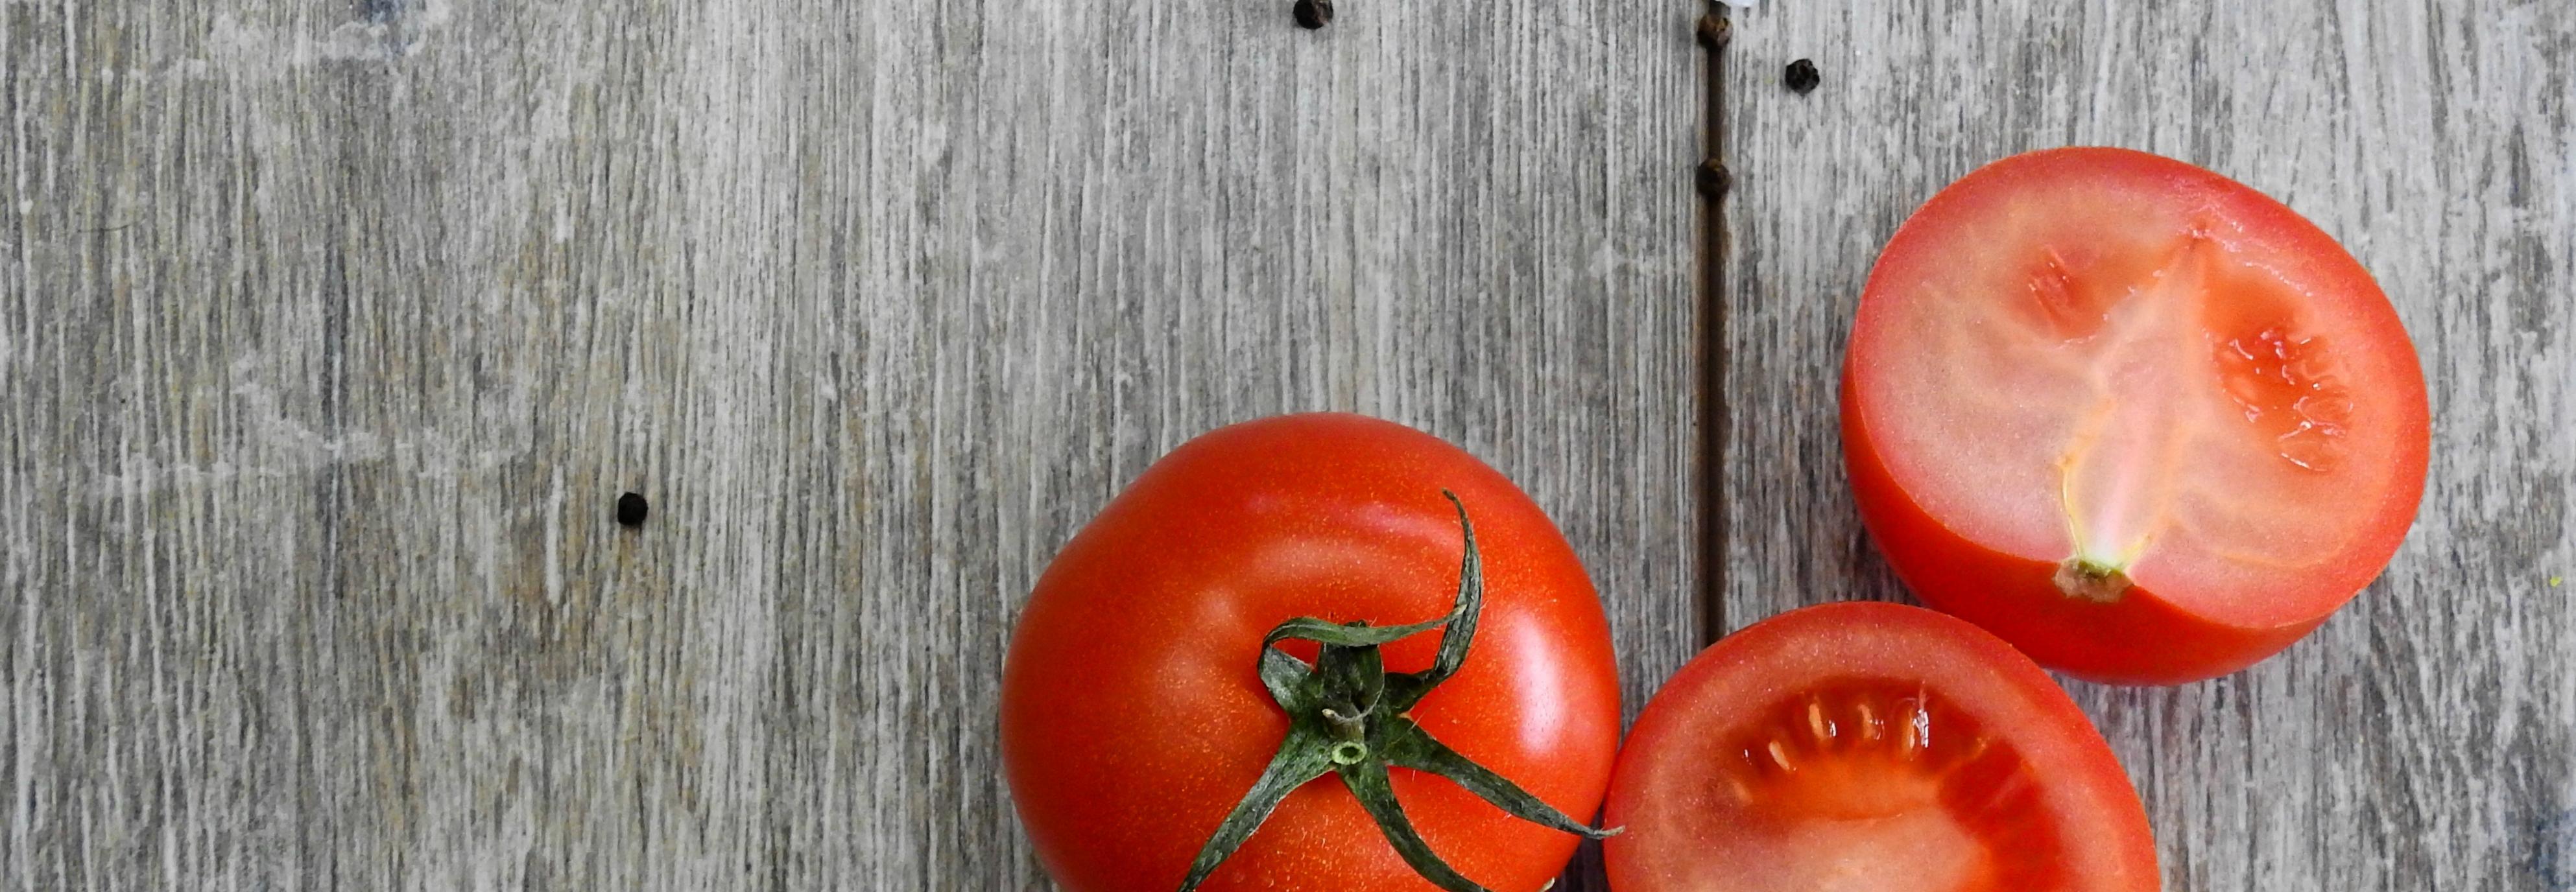 Dos tomates diarios para recuperarse del daño del tabaco